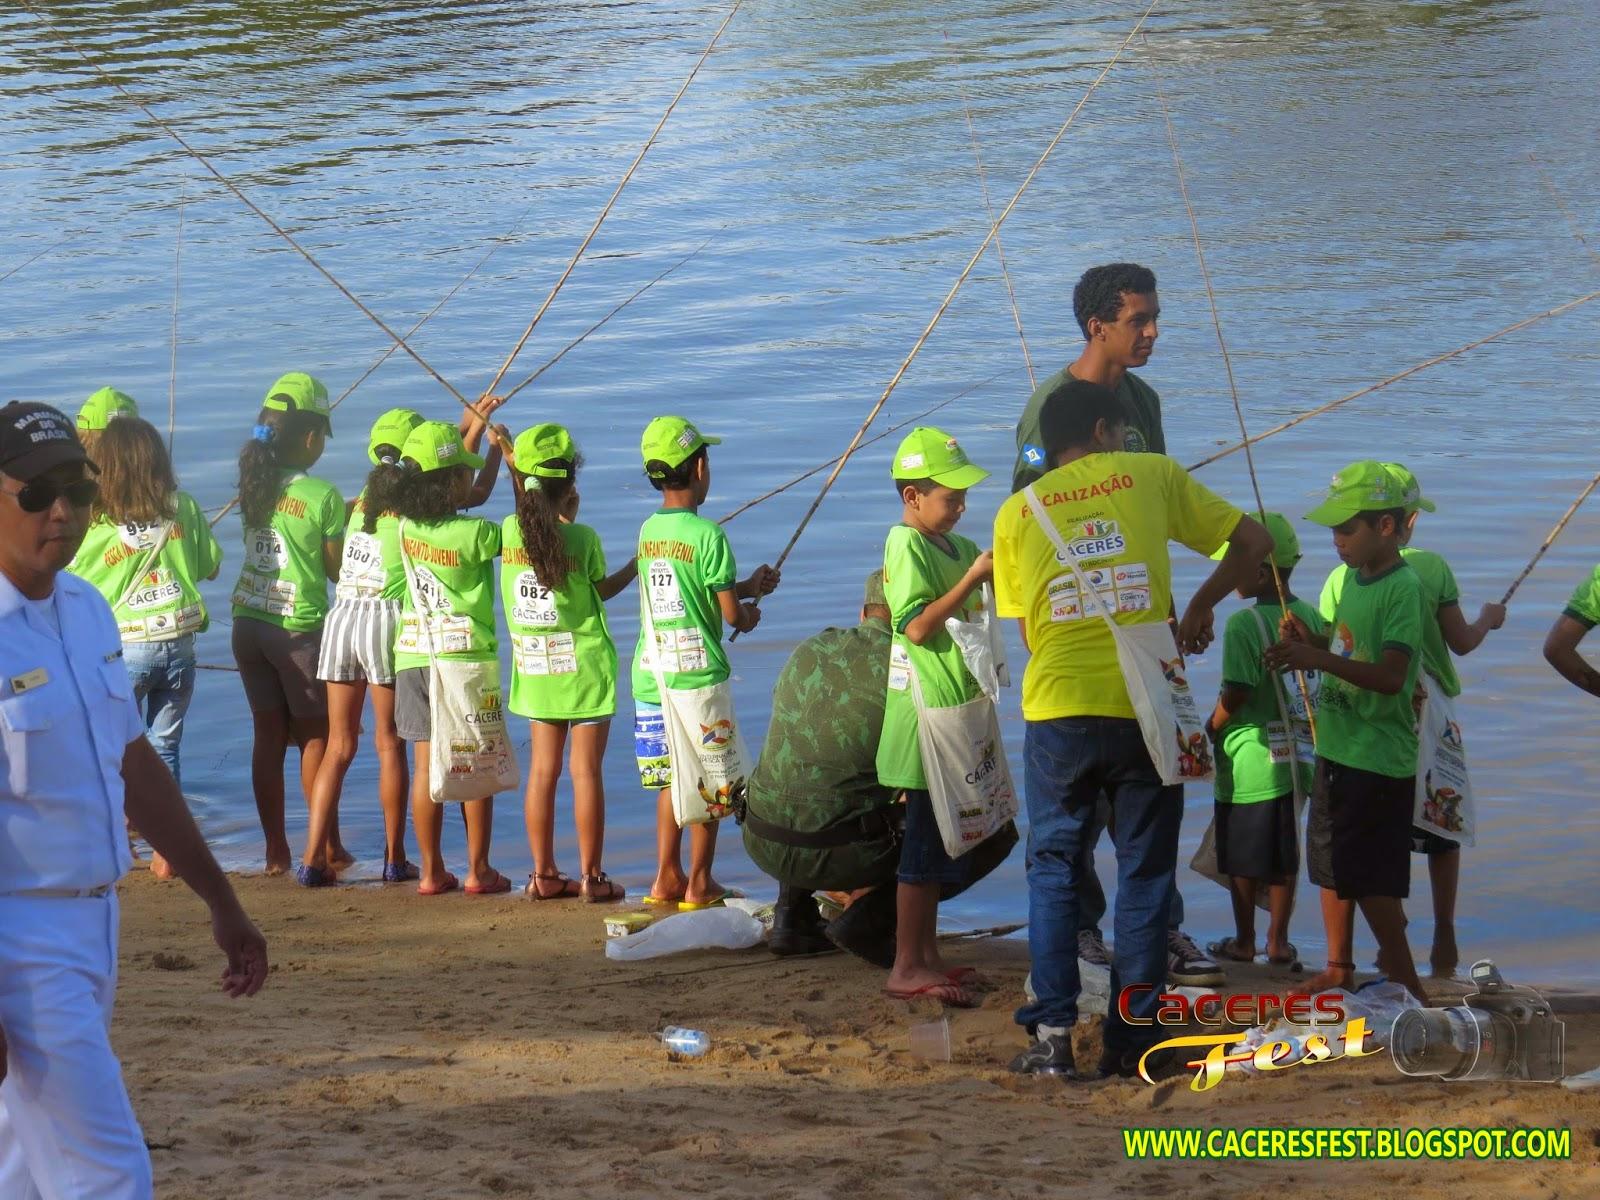 http://caceresfest.blogspot.com.br/2014/06/pesca-infantil-33-fip-caceres-mt.html